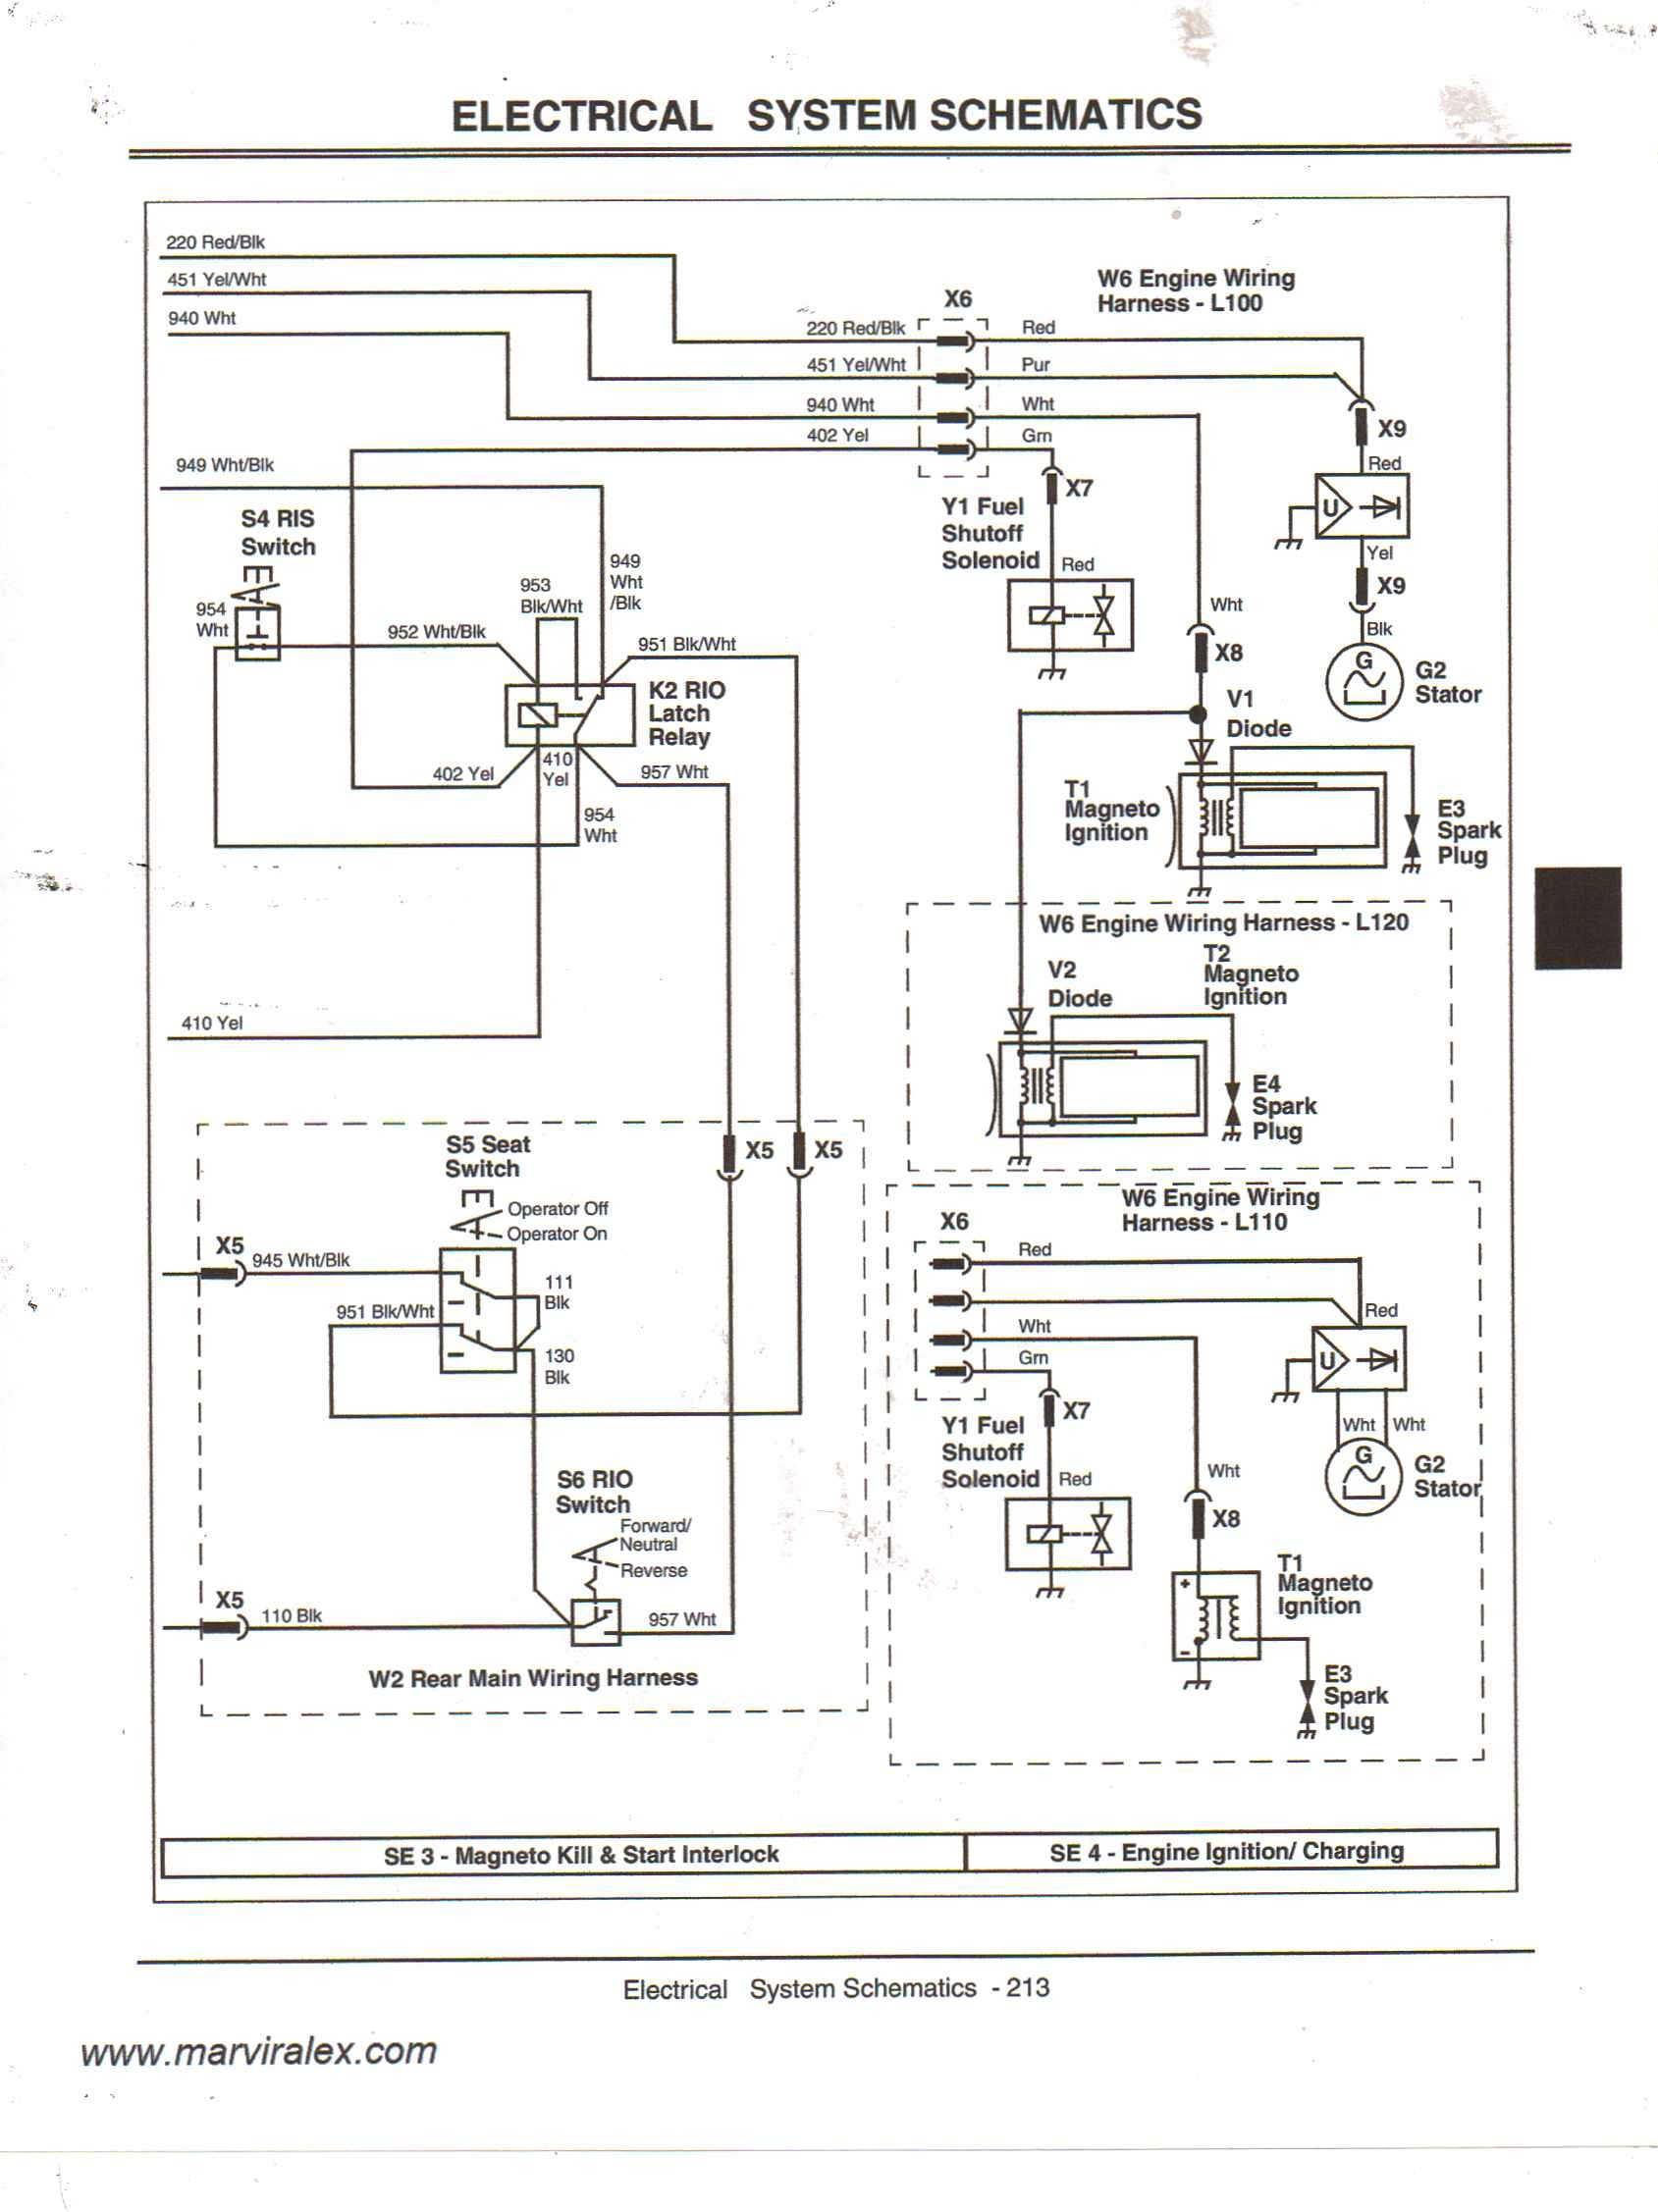 John Deere 4020 Wiring Schematics Ww 1570] for John Deere 1050 Tractor Wiring Diagram Free Diagram Of John Deere 4020 Wiring Schematics